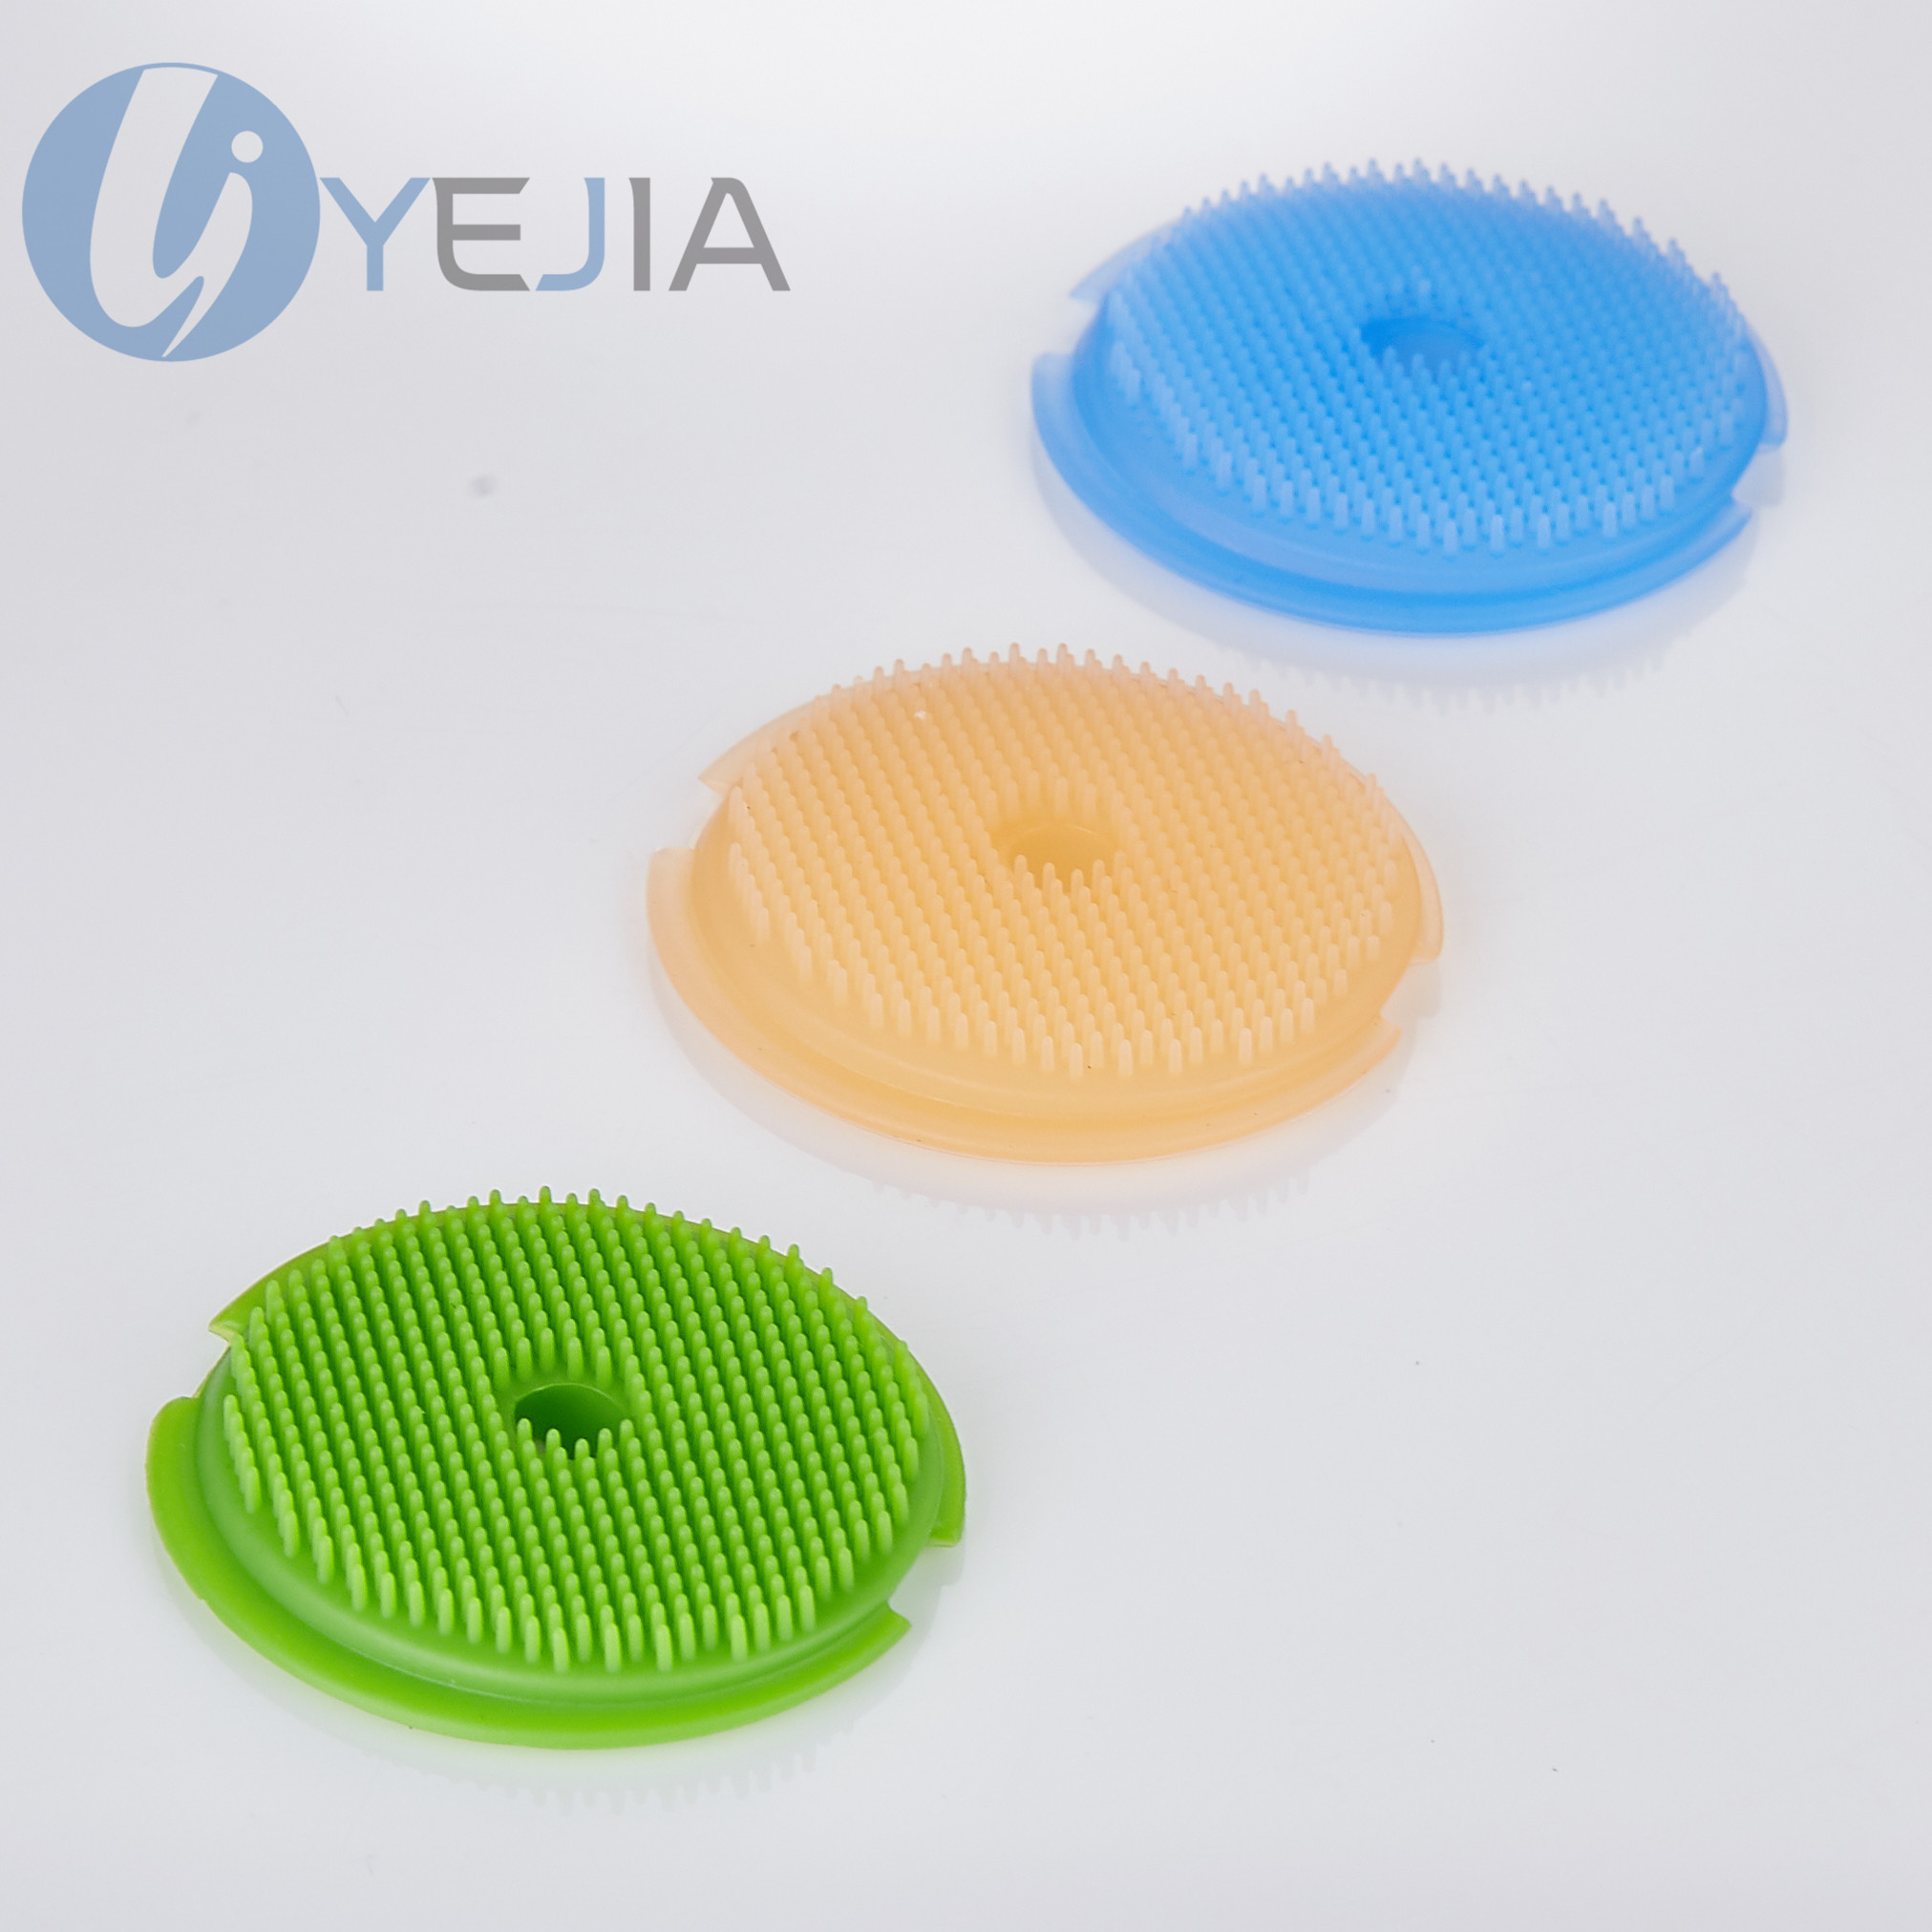 超级柔软深层清洁硅胶洁面刷,食品级硅胶原料,通过皮肤过敏性测试